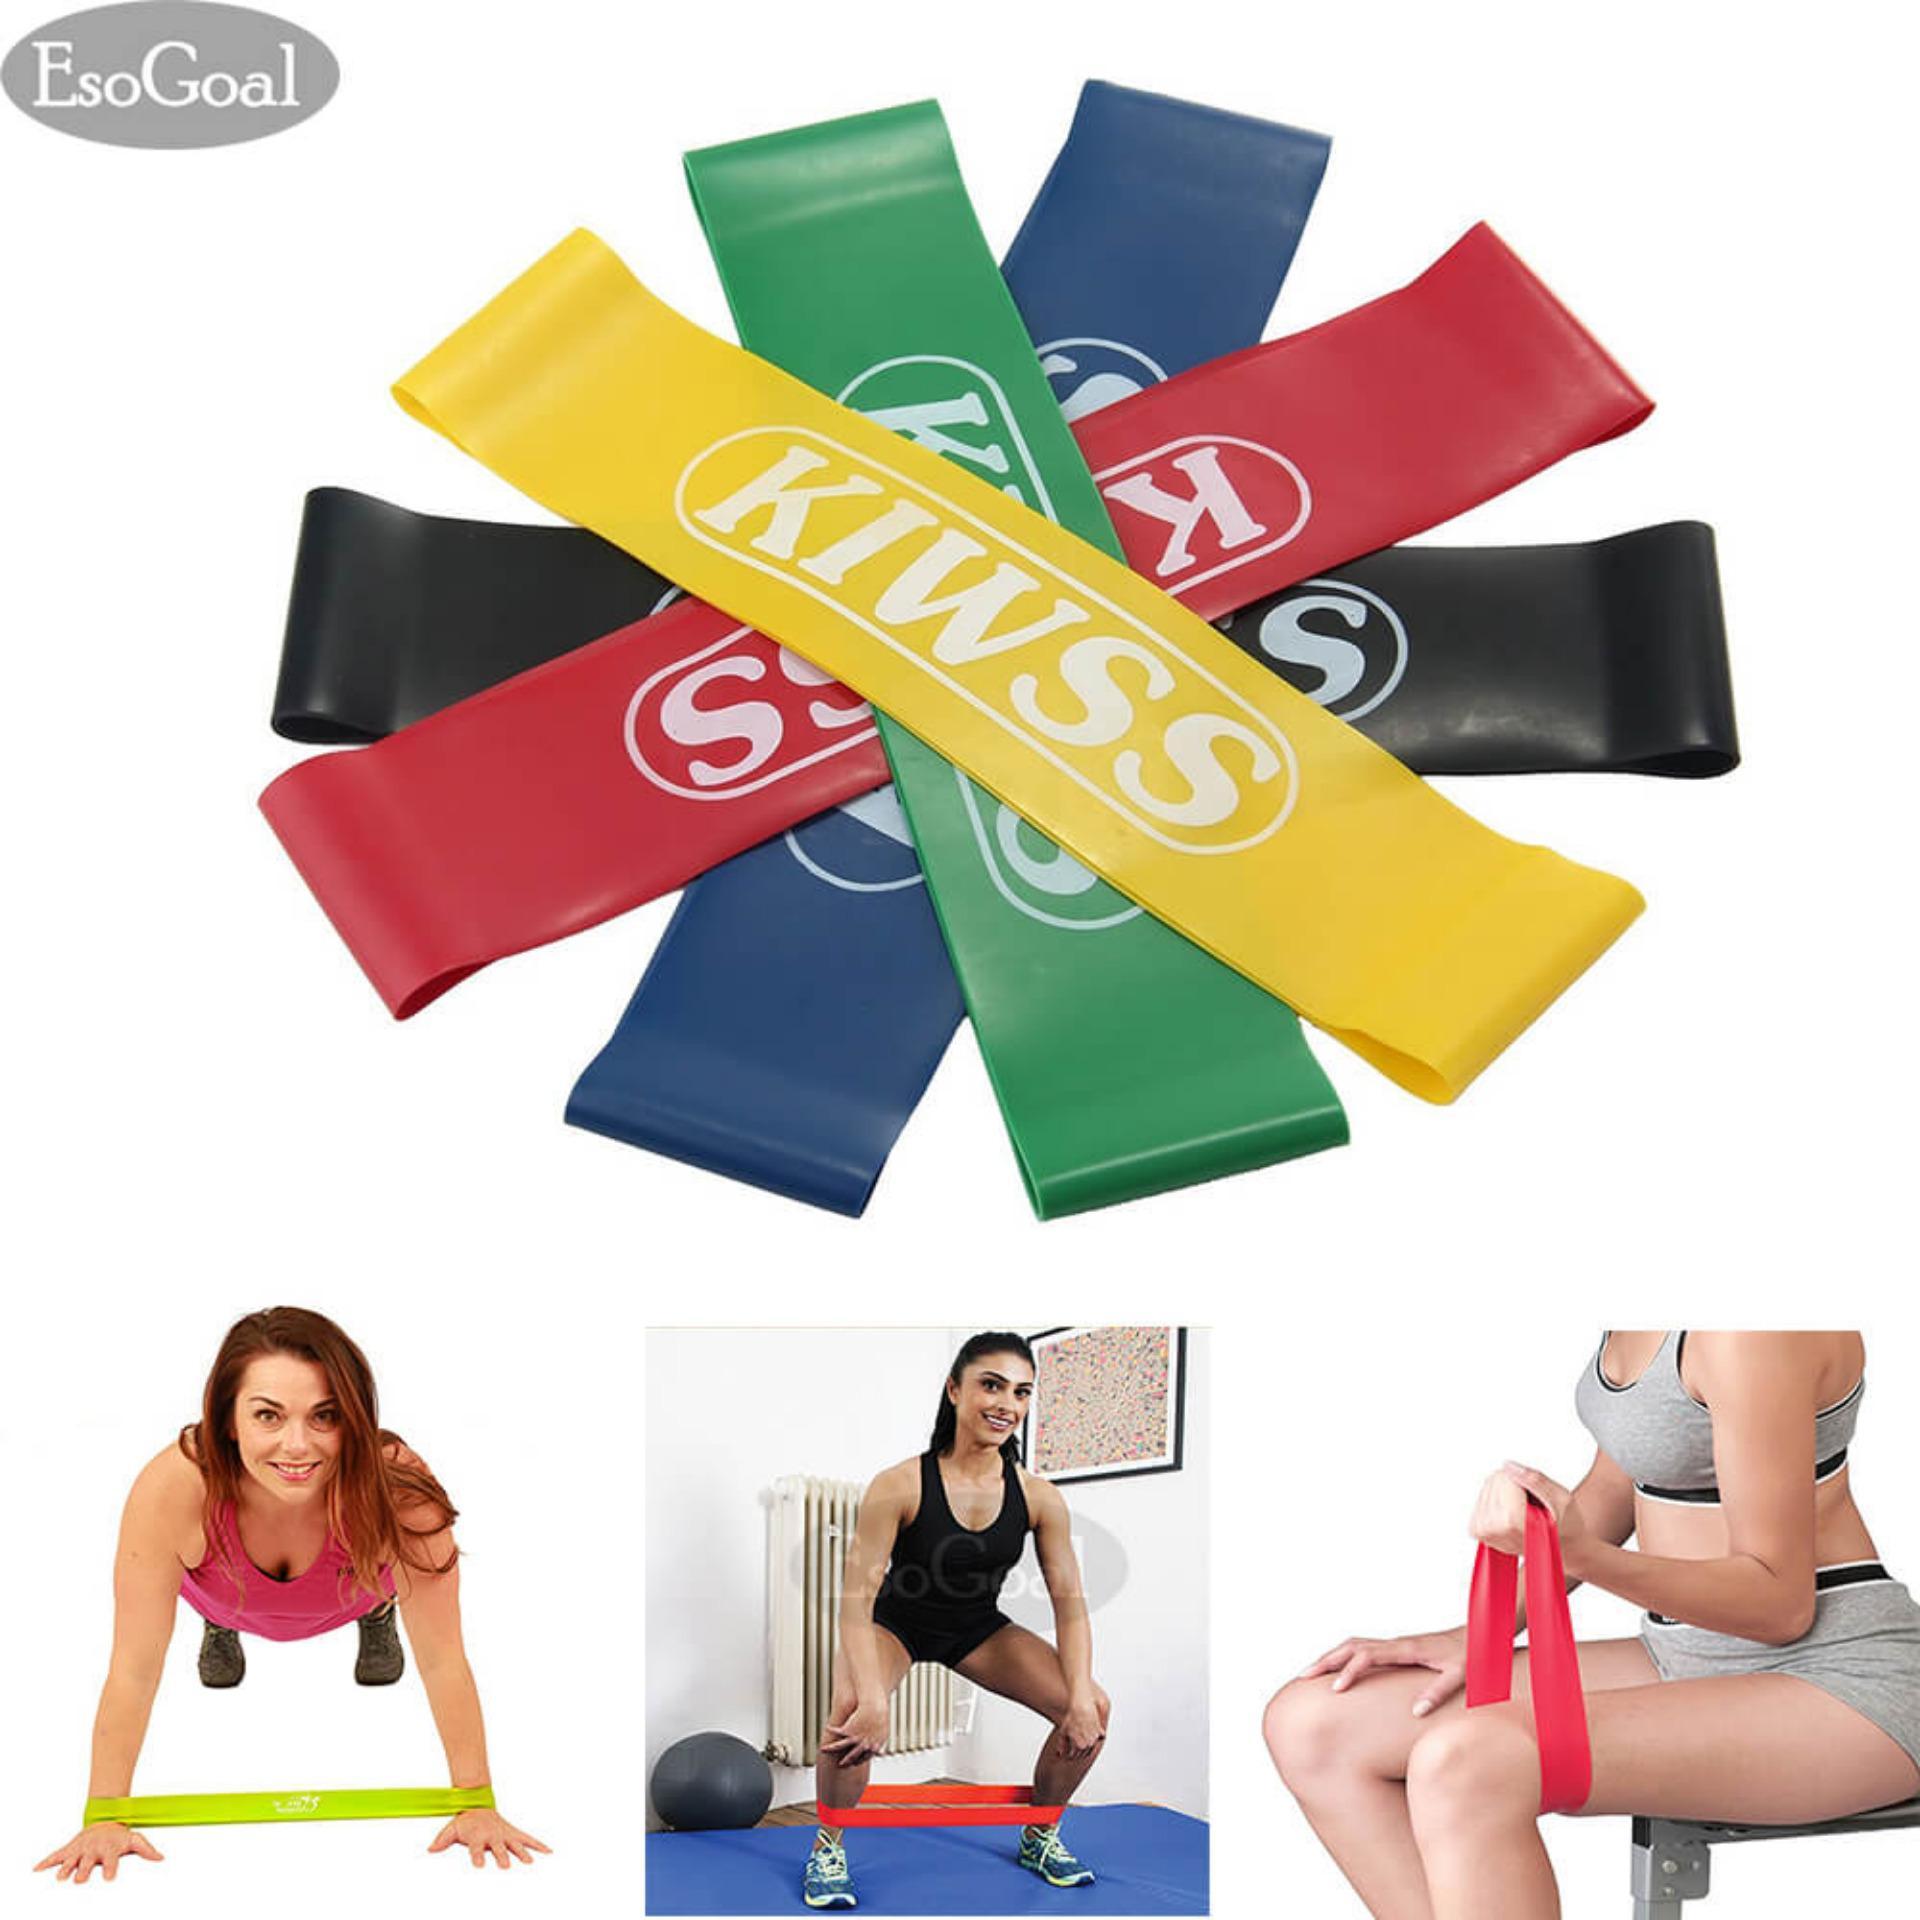 Hình ảnh EsoGoal Kháng Vòng Tập Thể Dục 5 Tập Luyện Ban Nhạc Bộ Căng Kéo Lên Hỗ Trợ Ban Nhạc tập thể dục cho CrossFit Tập Yoga và Vật Lý Trị Liệu (5 cái)-quốc tế